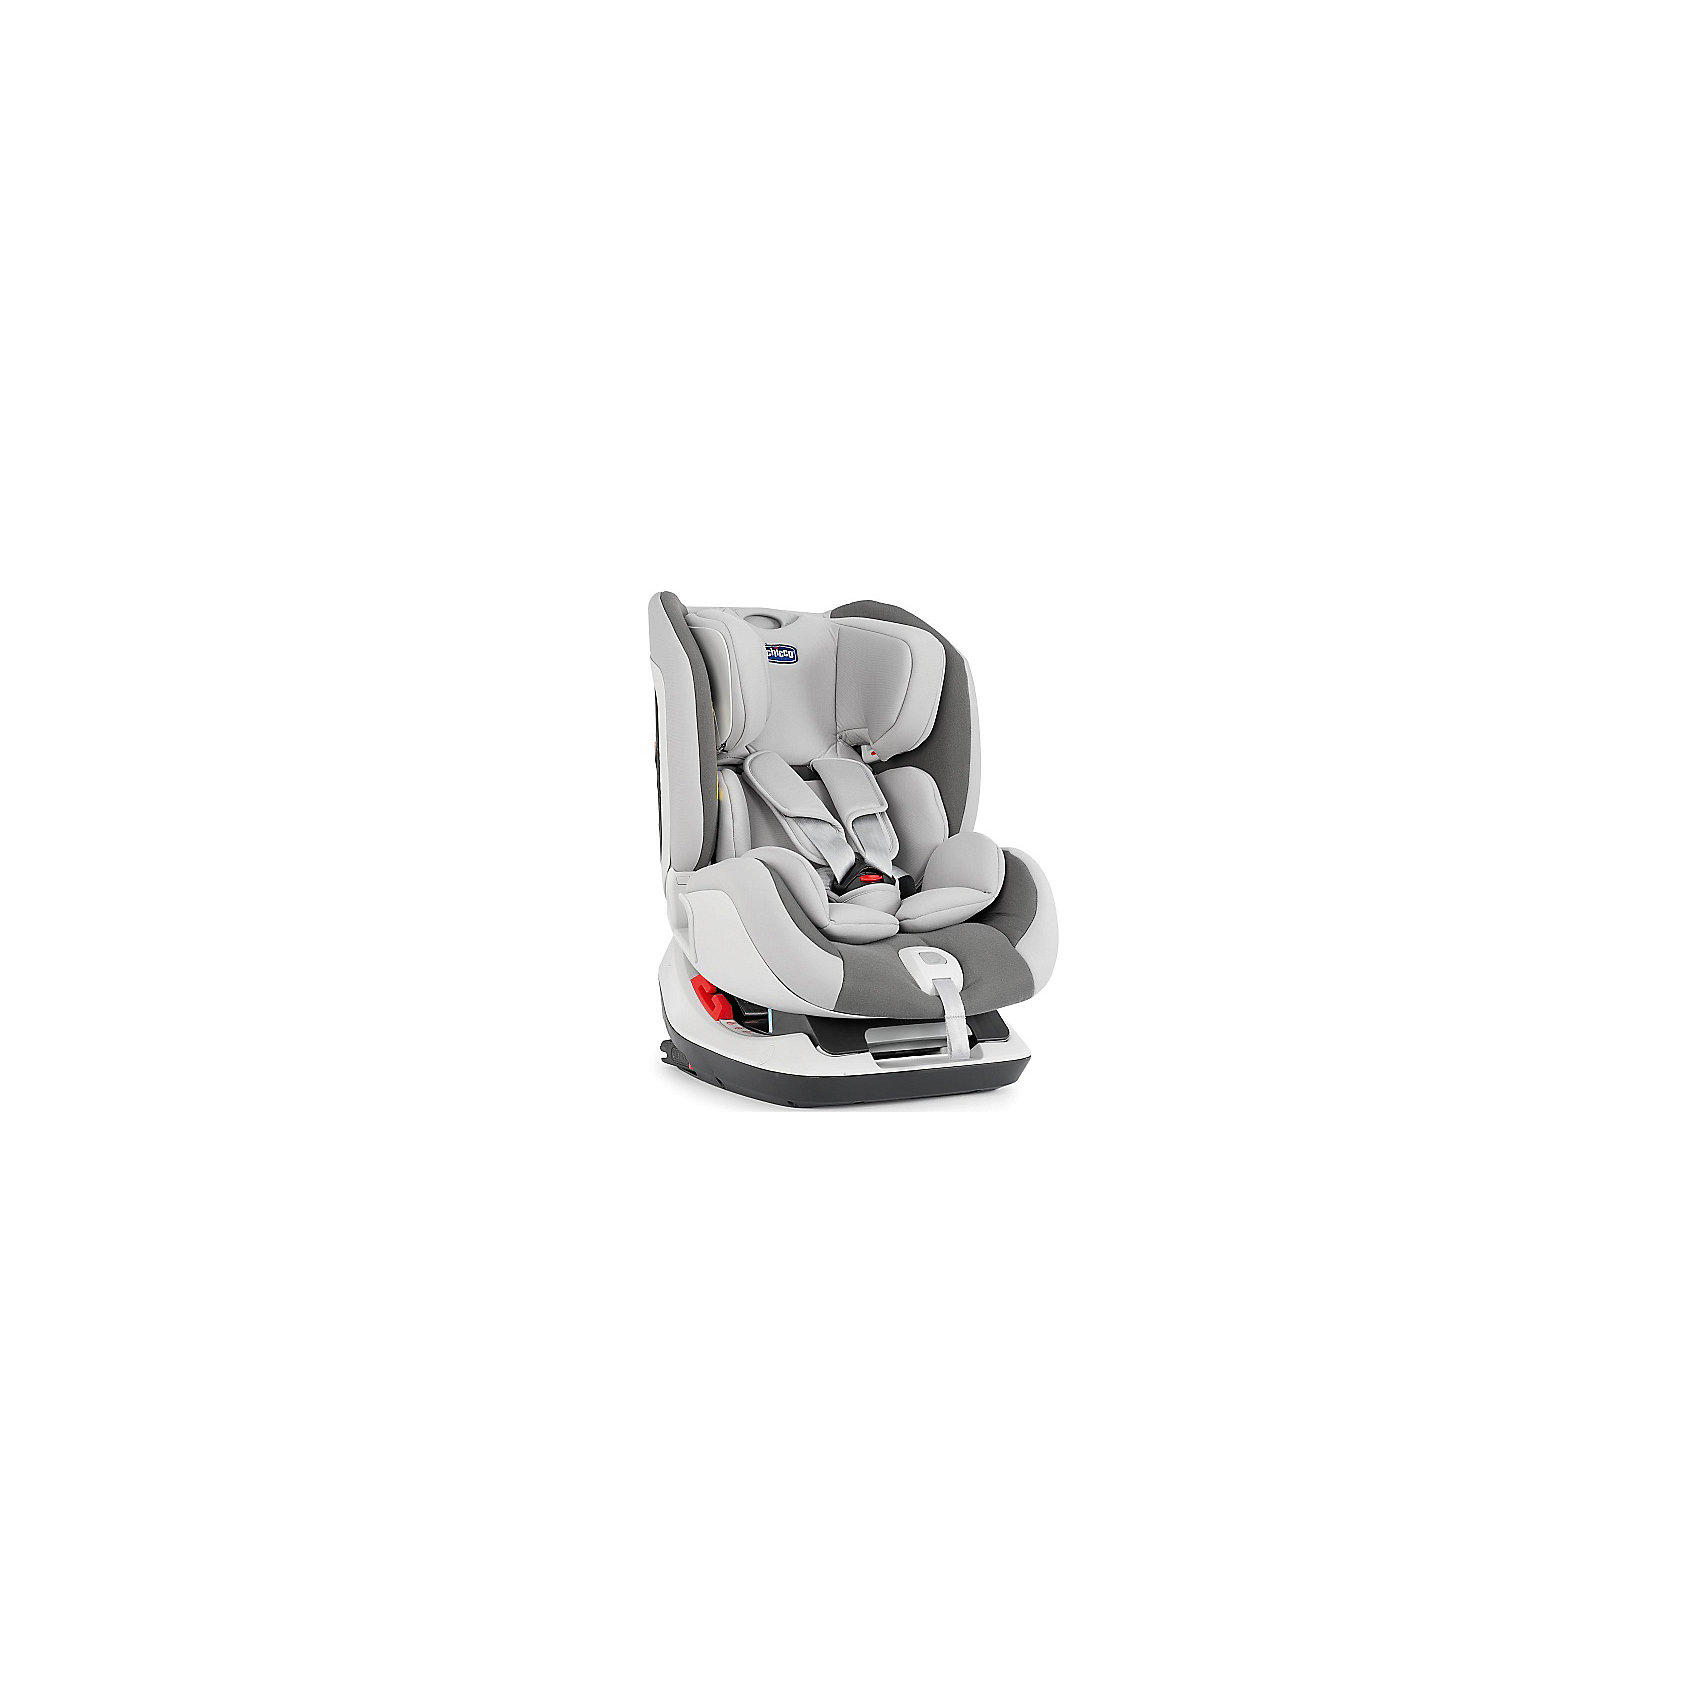 Автокресло CHICCO SEAT UP 012, 0-25 кг, серыйГруппа 0-1-2 (До 25 кг)<br>Автомобильное кресло следует за ростом ребенка с рождения до 6 лет!<br>- Автокресло Seat Up 012 одобрено в соответствии со стандартами ECE R44/04 для безопасной перевозки детей c рождения до достижения веса 25 кг. <br>- Seat Up 012 сопровождает малыша на всех этапах роста и развития.<br>Особенности: <br>- При использовании автокресла для деток возрастной группы 0+ (0-13 кг), его нужно устанавливать в положении «лицом против движения» при помощи штатных ремней безопасности автомобиля. Подушка безопасности должна быть деактивирована. <br>- При использовании автокресла для деток первой возрастной группы (9-18 кг), установите его в положение «лицом по ходу движения».<br>- Автомобильное кресло можно установить при помощи системы крепления Isofix. Всегда проверяйте совместимость автокресла с вашей моделью автомобиля. Если ваш автомобиль не оснащен системой крепления Isofix, то автокресло можно установить при помощи штатных ремней безопасности автомобиля. <br>- Seat Up 012 легко трансформируется в удобное автомобильное кресло для деток постарше и растет вместе с ребенком до 6 лет (до 25 кг).<br>-  Для данной возрастной группы автокресло можно установить двумя способами. Спинку автокресла Seat Up 012 можно установить в 4 различных положениях. Положения под номерами 1,2,3 подходят для первой и второй возрастной группы. 4-ое положение наклона спинки было специально разработано для новорожденных малышей (Группа 0+). Подголовник и ремни безопасности автокресла регулируются одновременно по высоте одним движением руки. Таким образом, автомобильное кресло «растет» вместе с малышом.<br><br>Автокресло прекрасный и безопасный помощник во время путешествий!<br><br>Дополнительная информация:<br><br>- Цвет: Серый.<br>- Группа: 0/1/2<br>- Вес ребенка: до 25 кг<br>- Материал: Сталь, Пластик, Нейлон<br>- Установка: Лицом назад, Лицом вперед<br>- Тип крепления: Isofix с базой<br>- Регулировки: Регулируемый наклон спинки